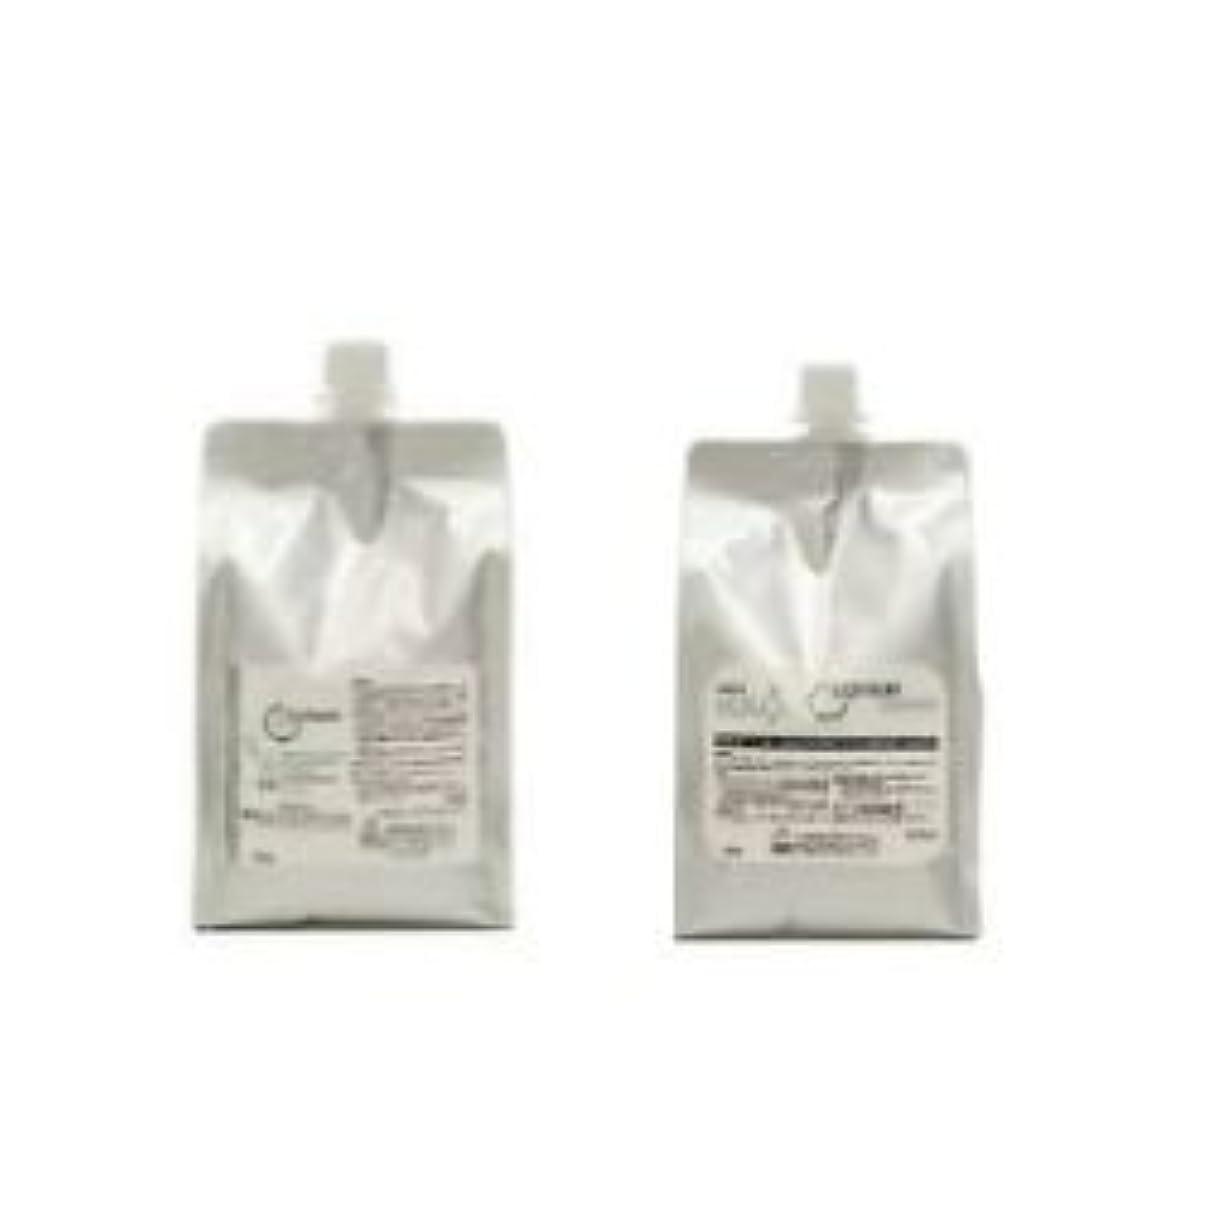 人種味わうライオンナカノ 薬用コリュームシャンプー 1500ml & リペアメント 1500g セット